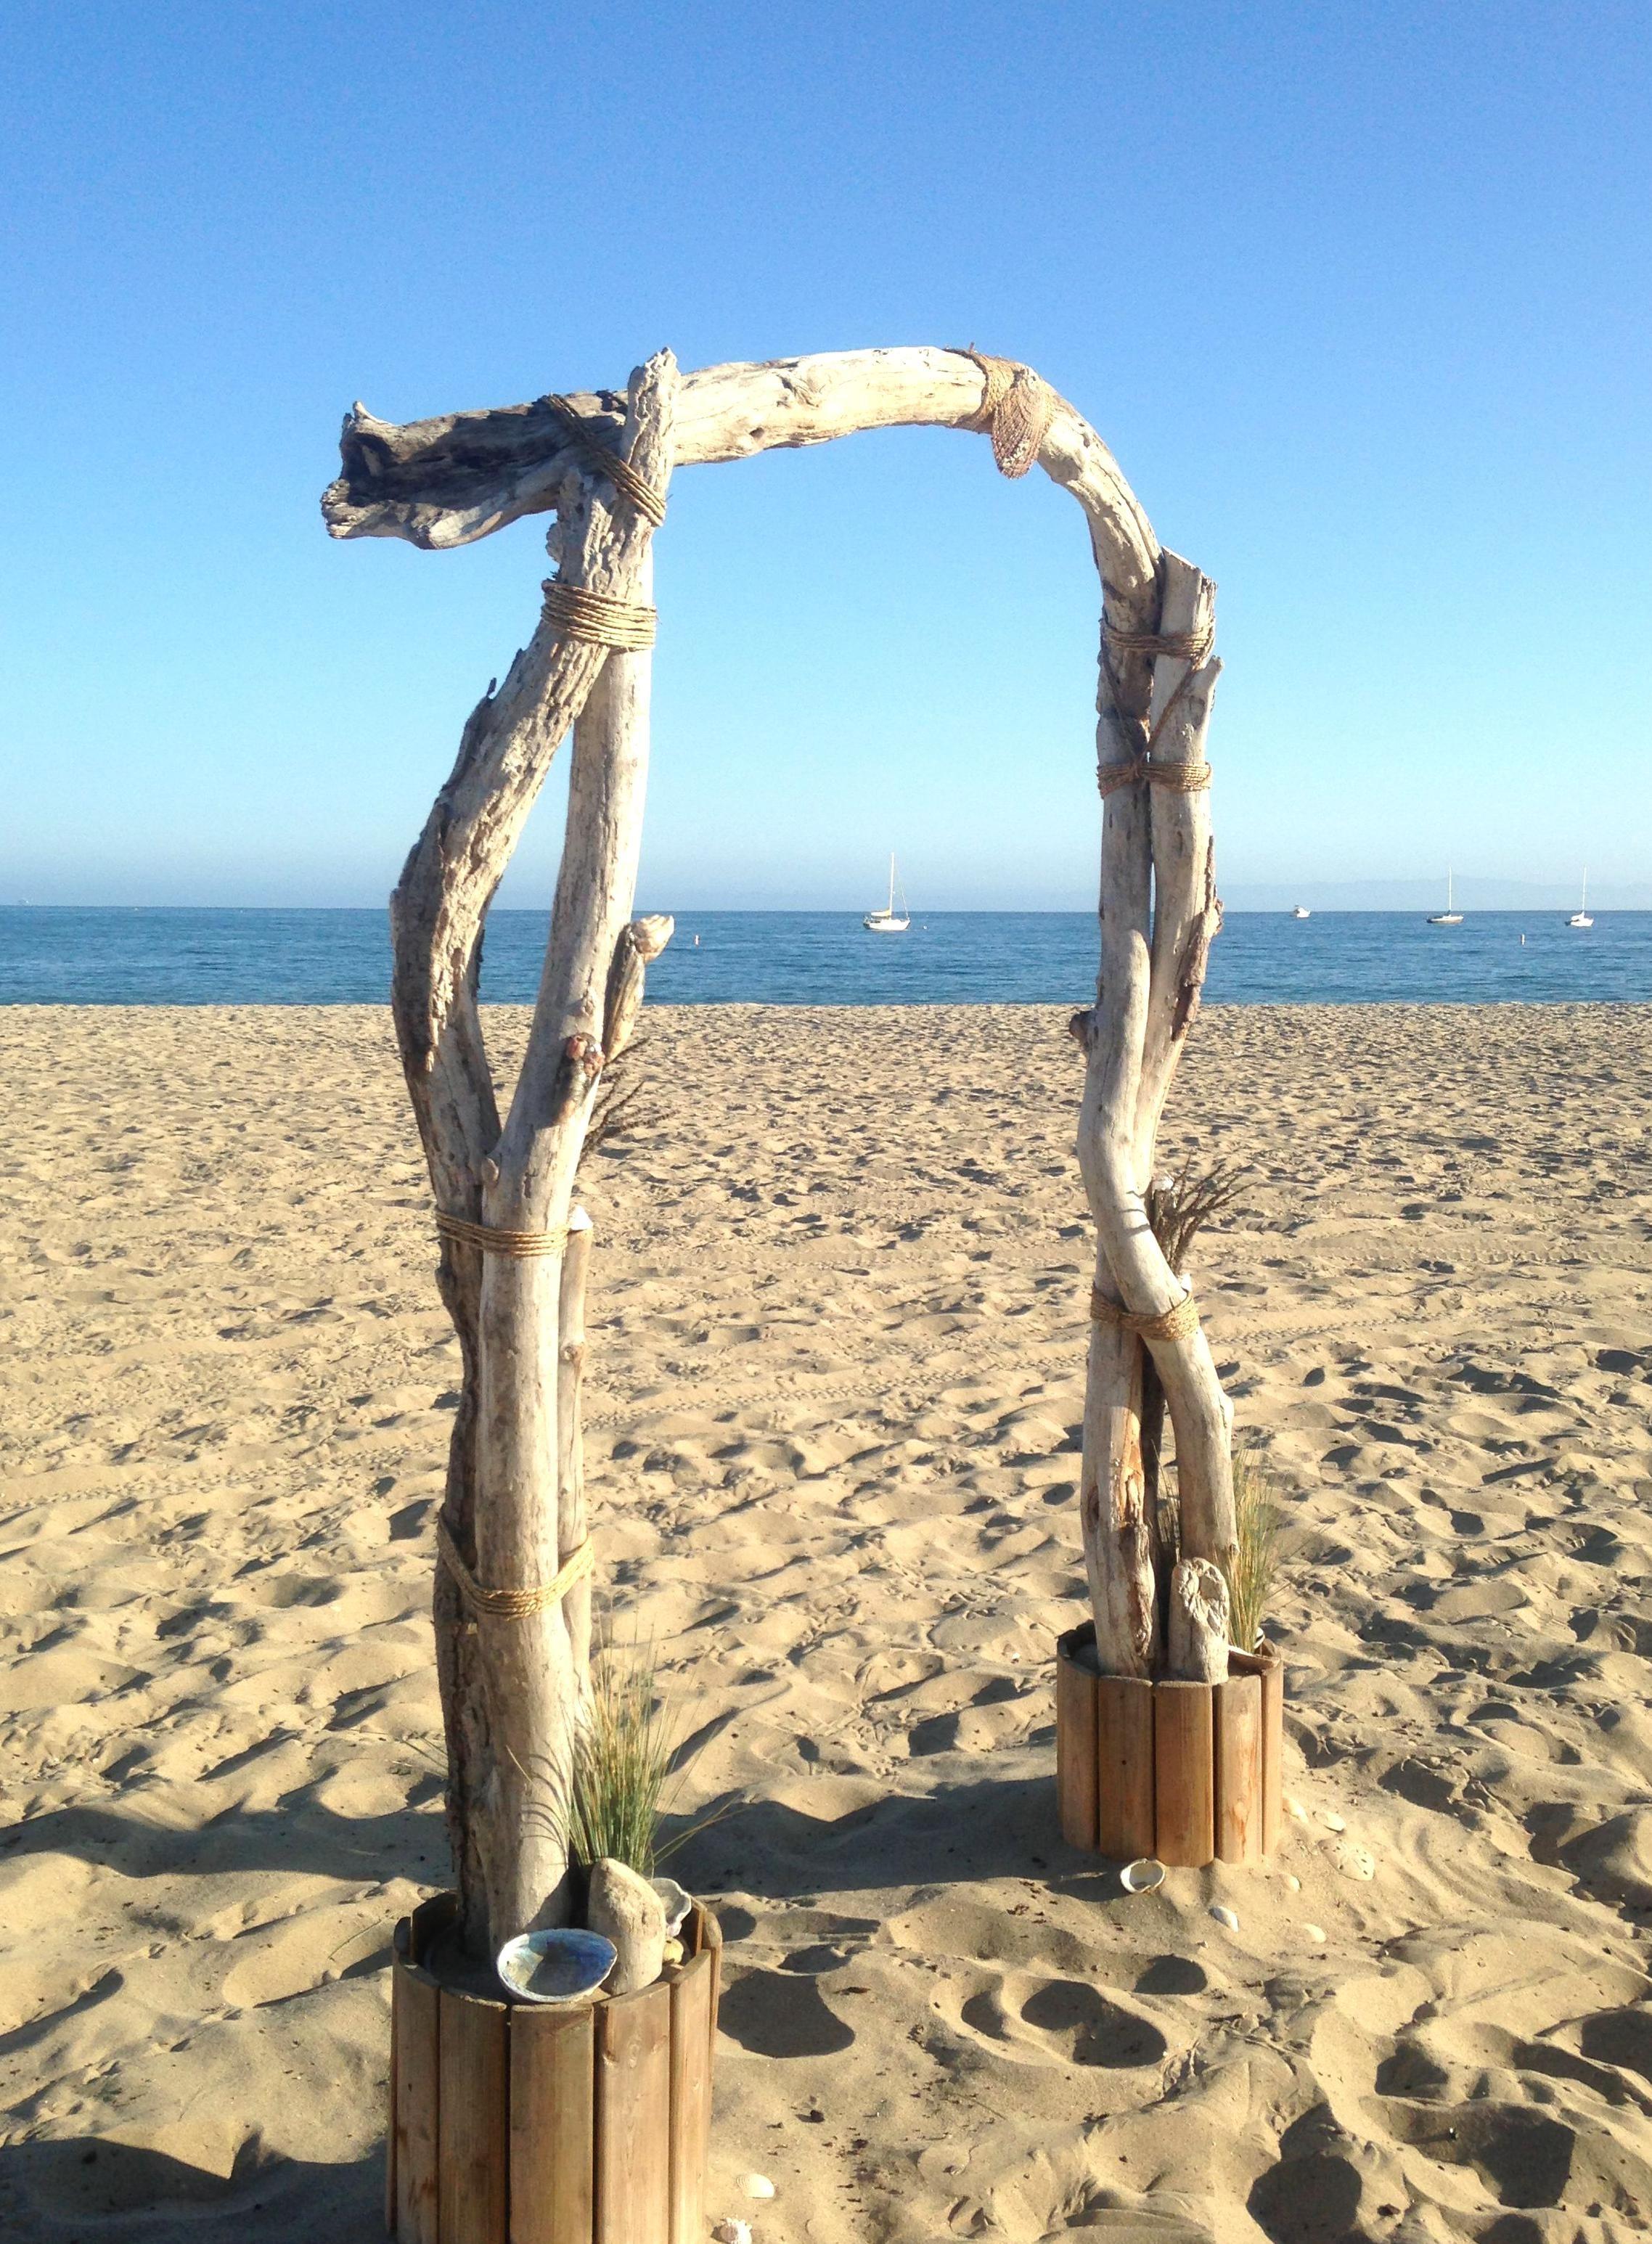 Pin By Ariel Lishinsky On Wedding Photography Beach Wedding Arch Beach Wedding Inspiration Driftwood Wedding